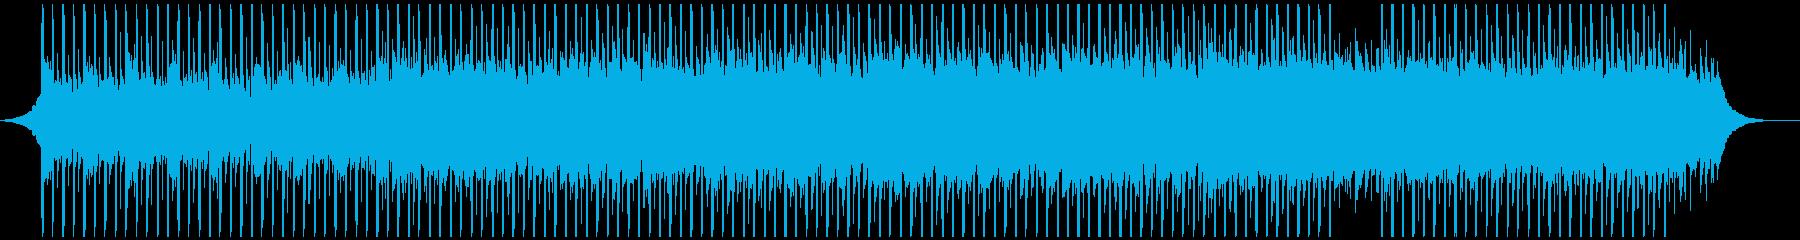 企業の動機付け(90秒)の再生済みの波形